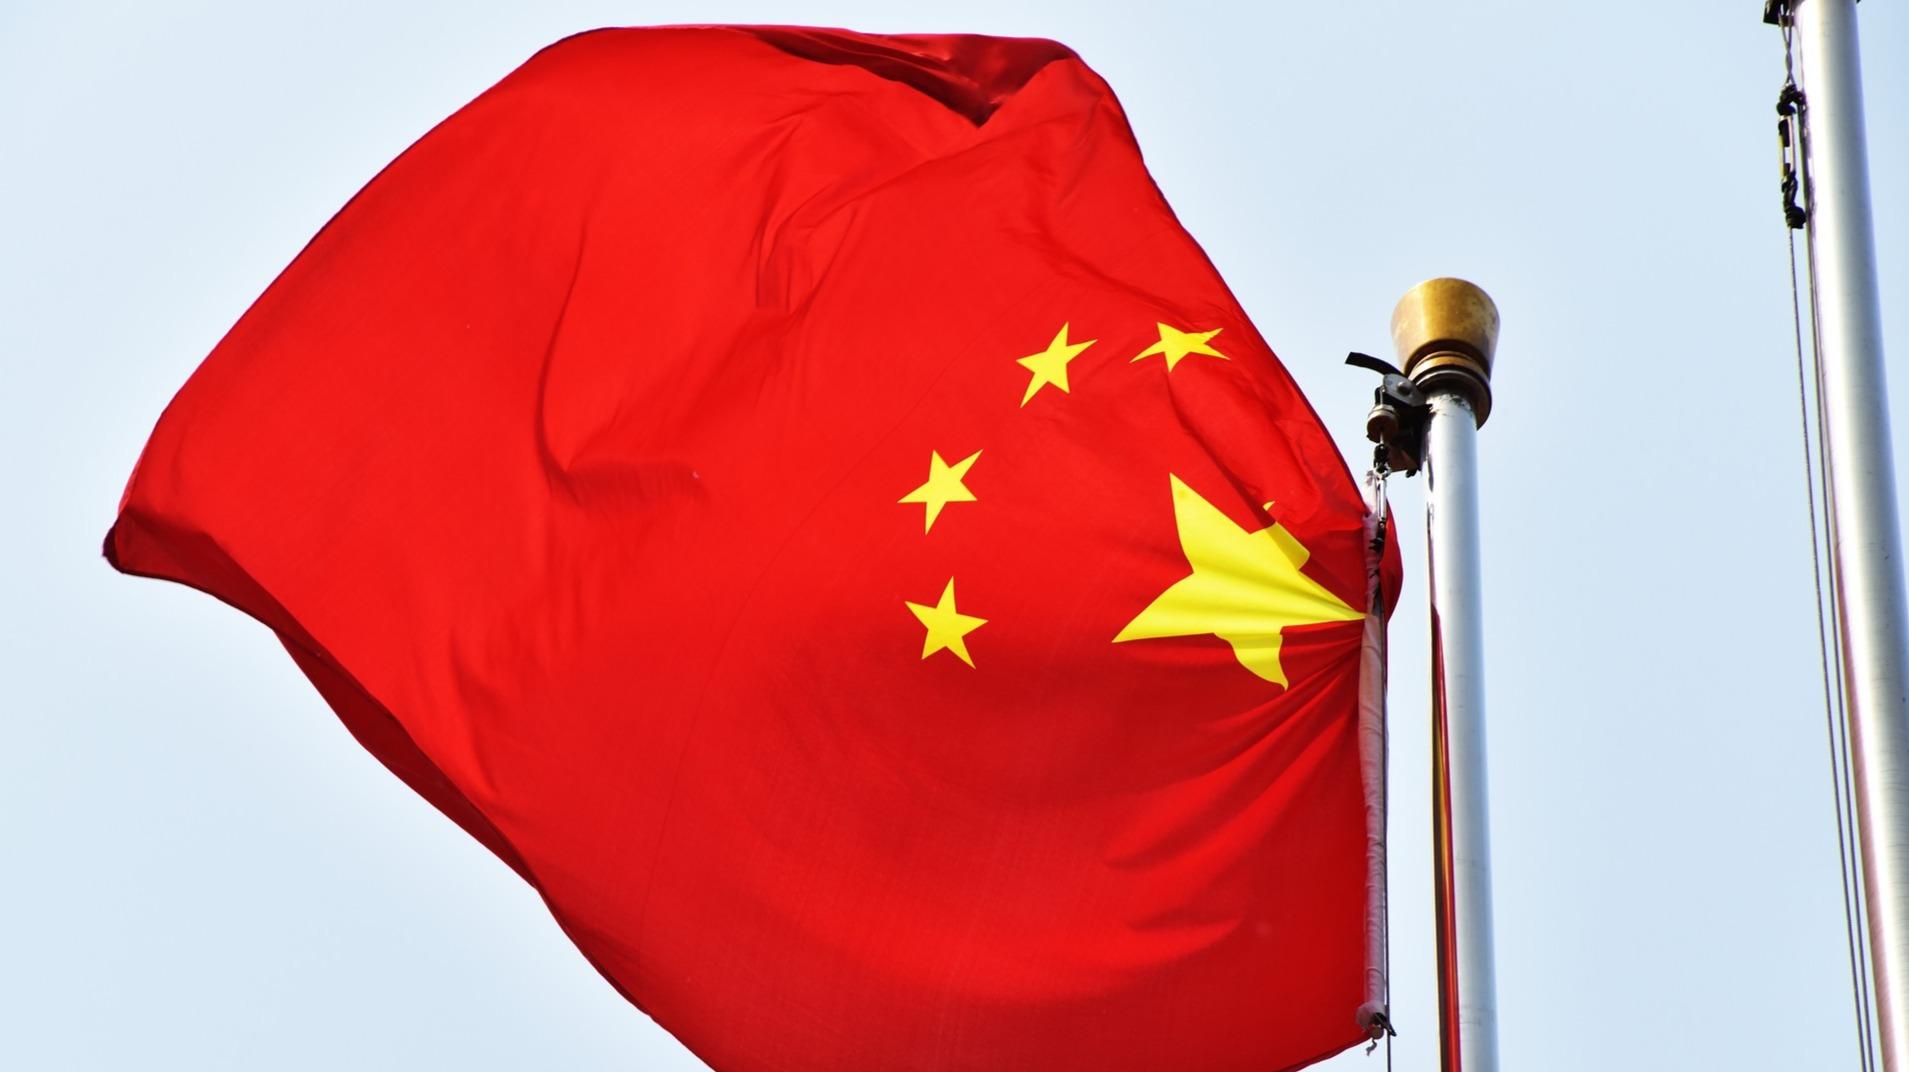 Çin, Yeni Merkeziyetsiz Stablecoin'i İle Uluslararası Ticareti Hedefliyor